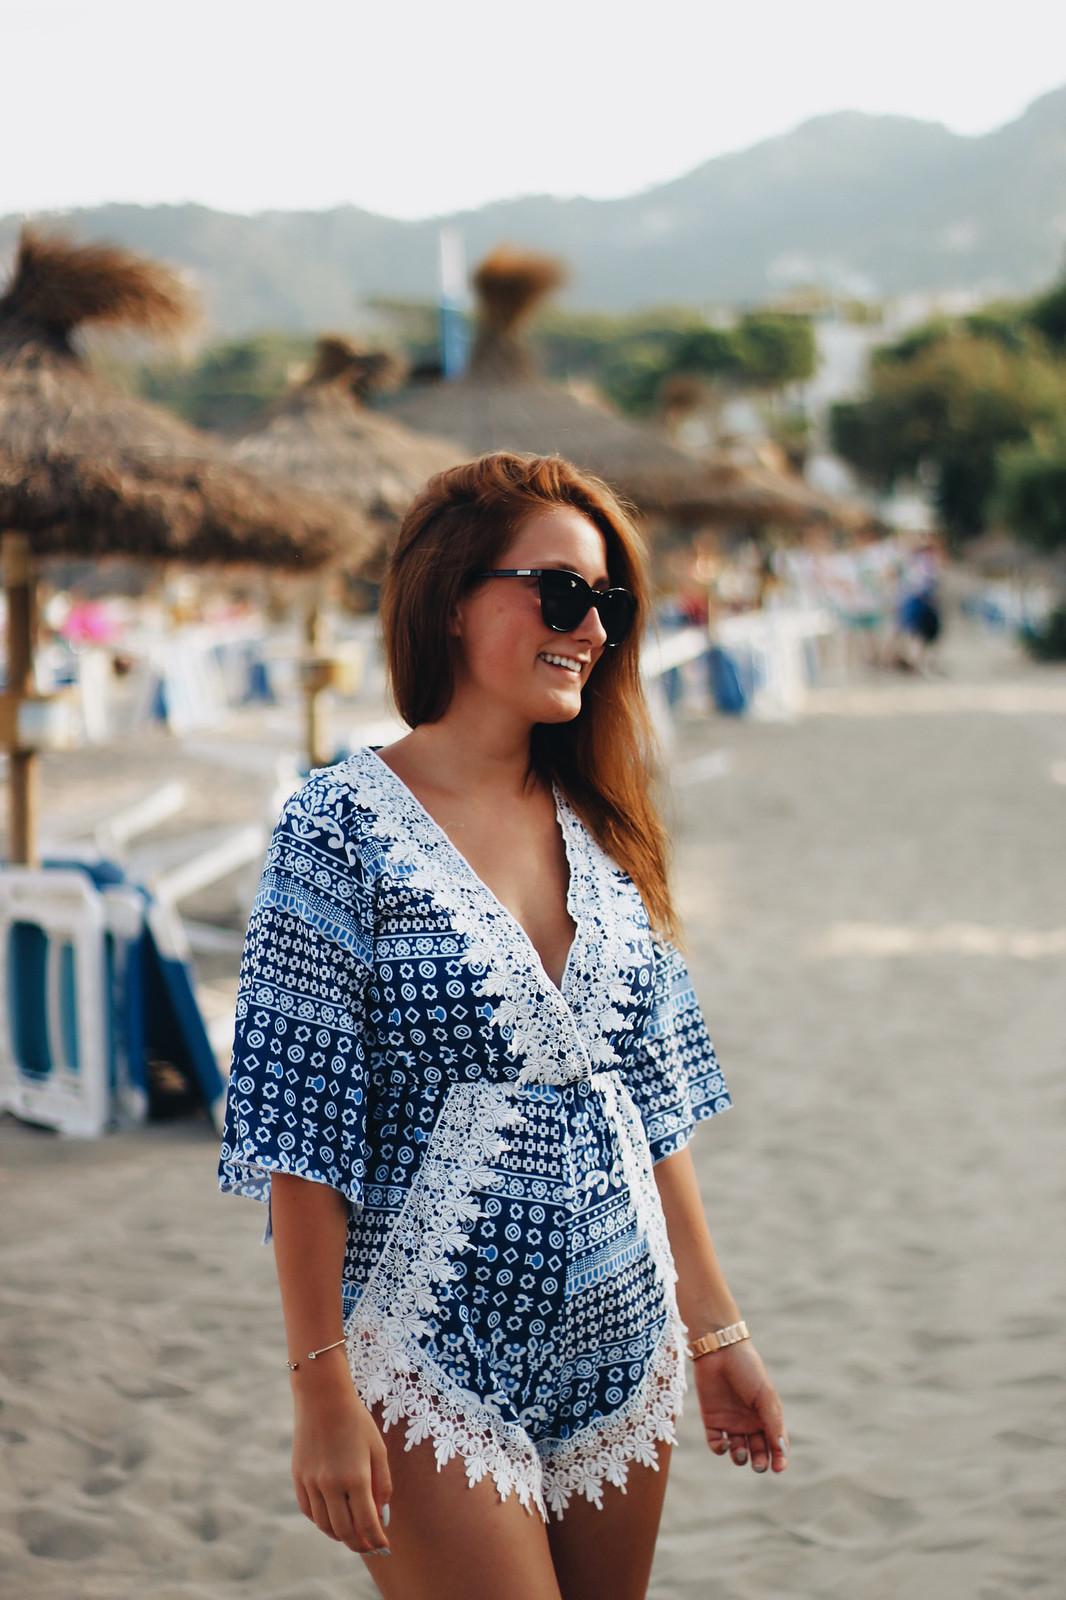 Sommer Strand Outfit: Jumpsuit in weiß und blau mit Spitze